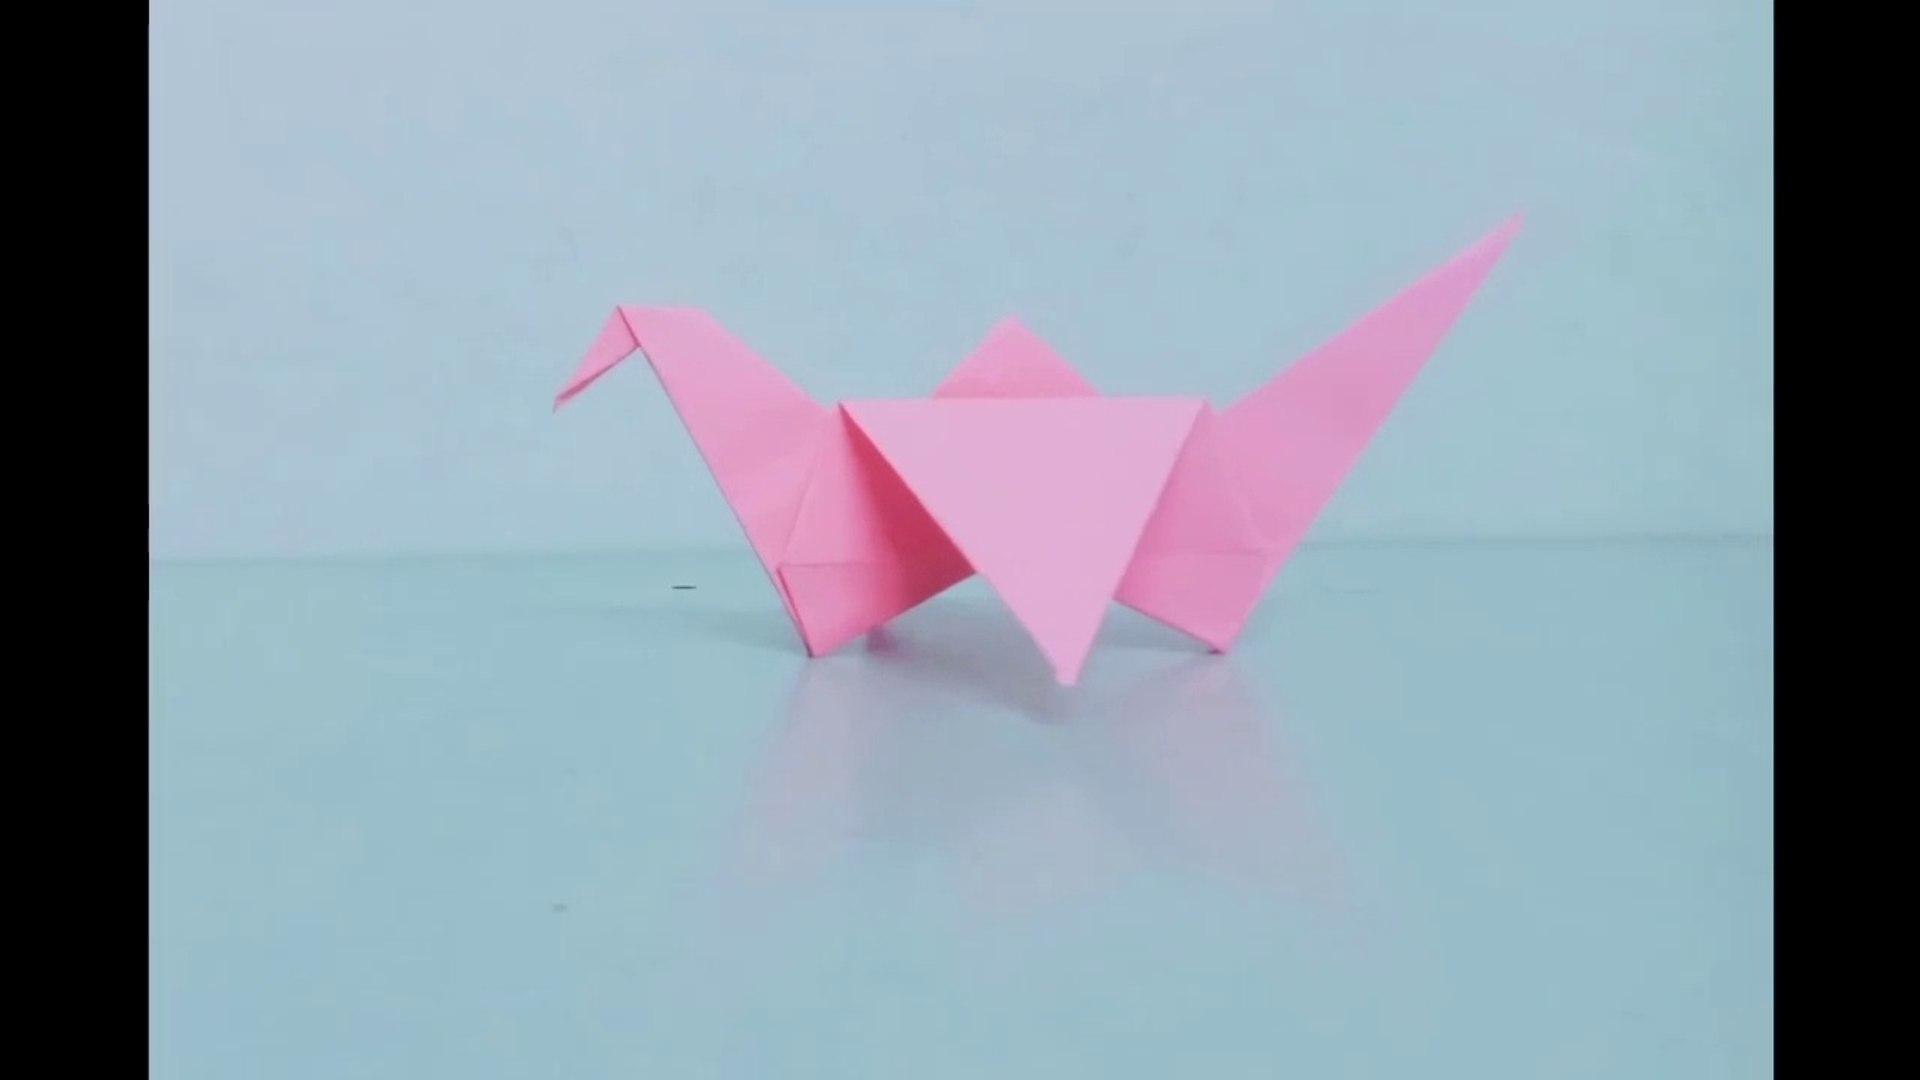 Crane Origami (difficult model) - OrigamiArt.Us | 1080x1920